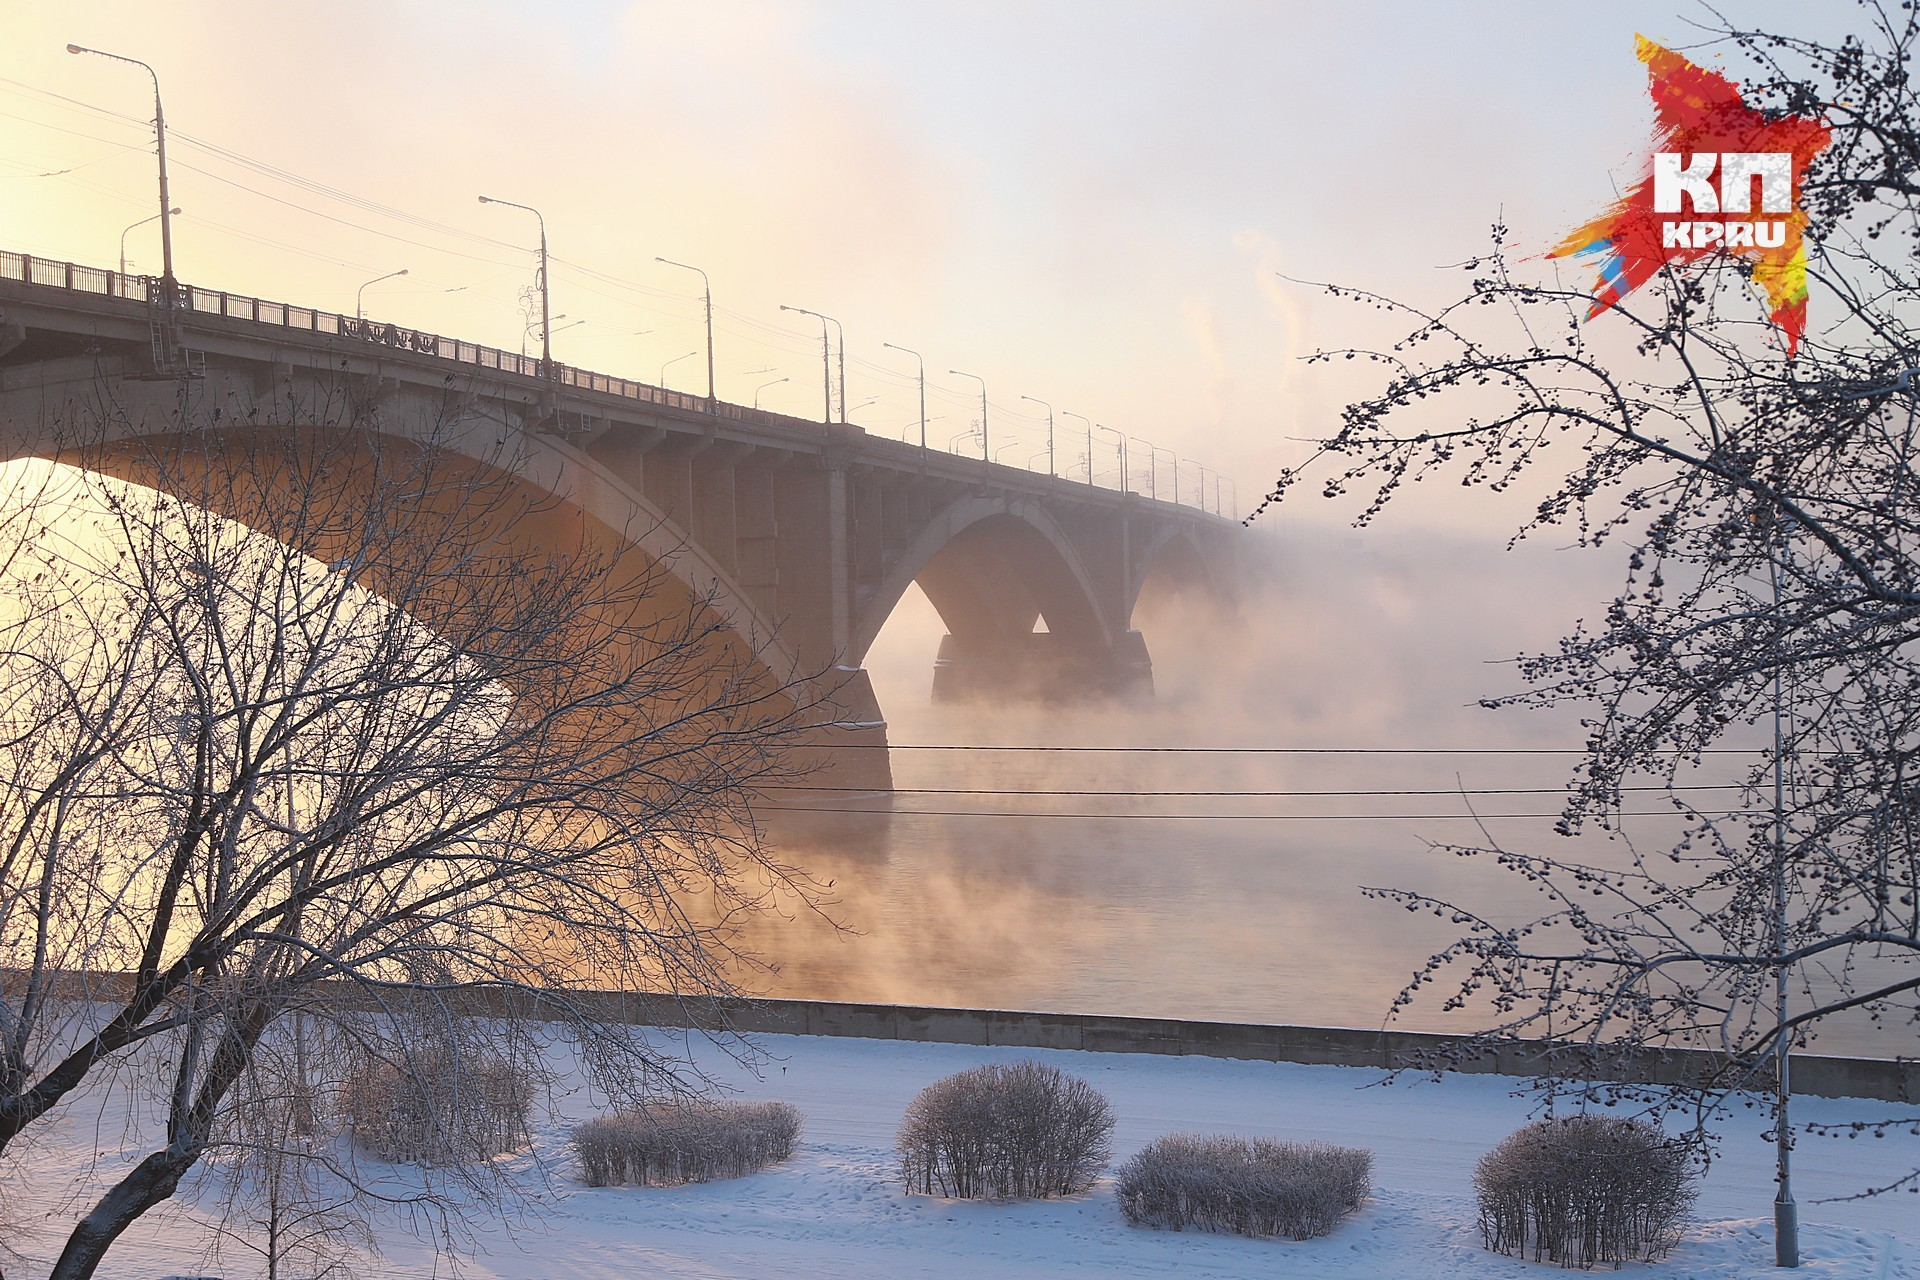 Возникла пробная схема движения транспорта впроцессе ремонта Коммунального моста вКрасноярске